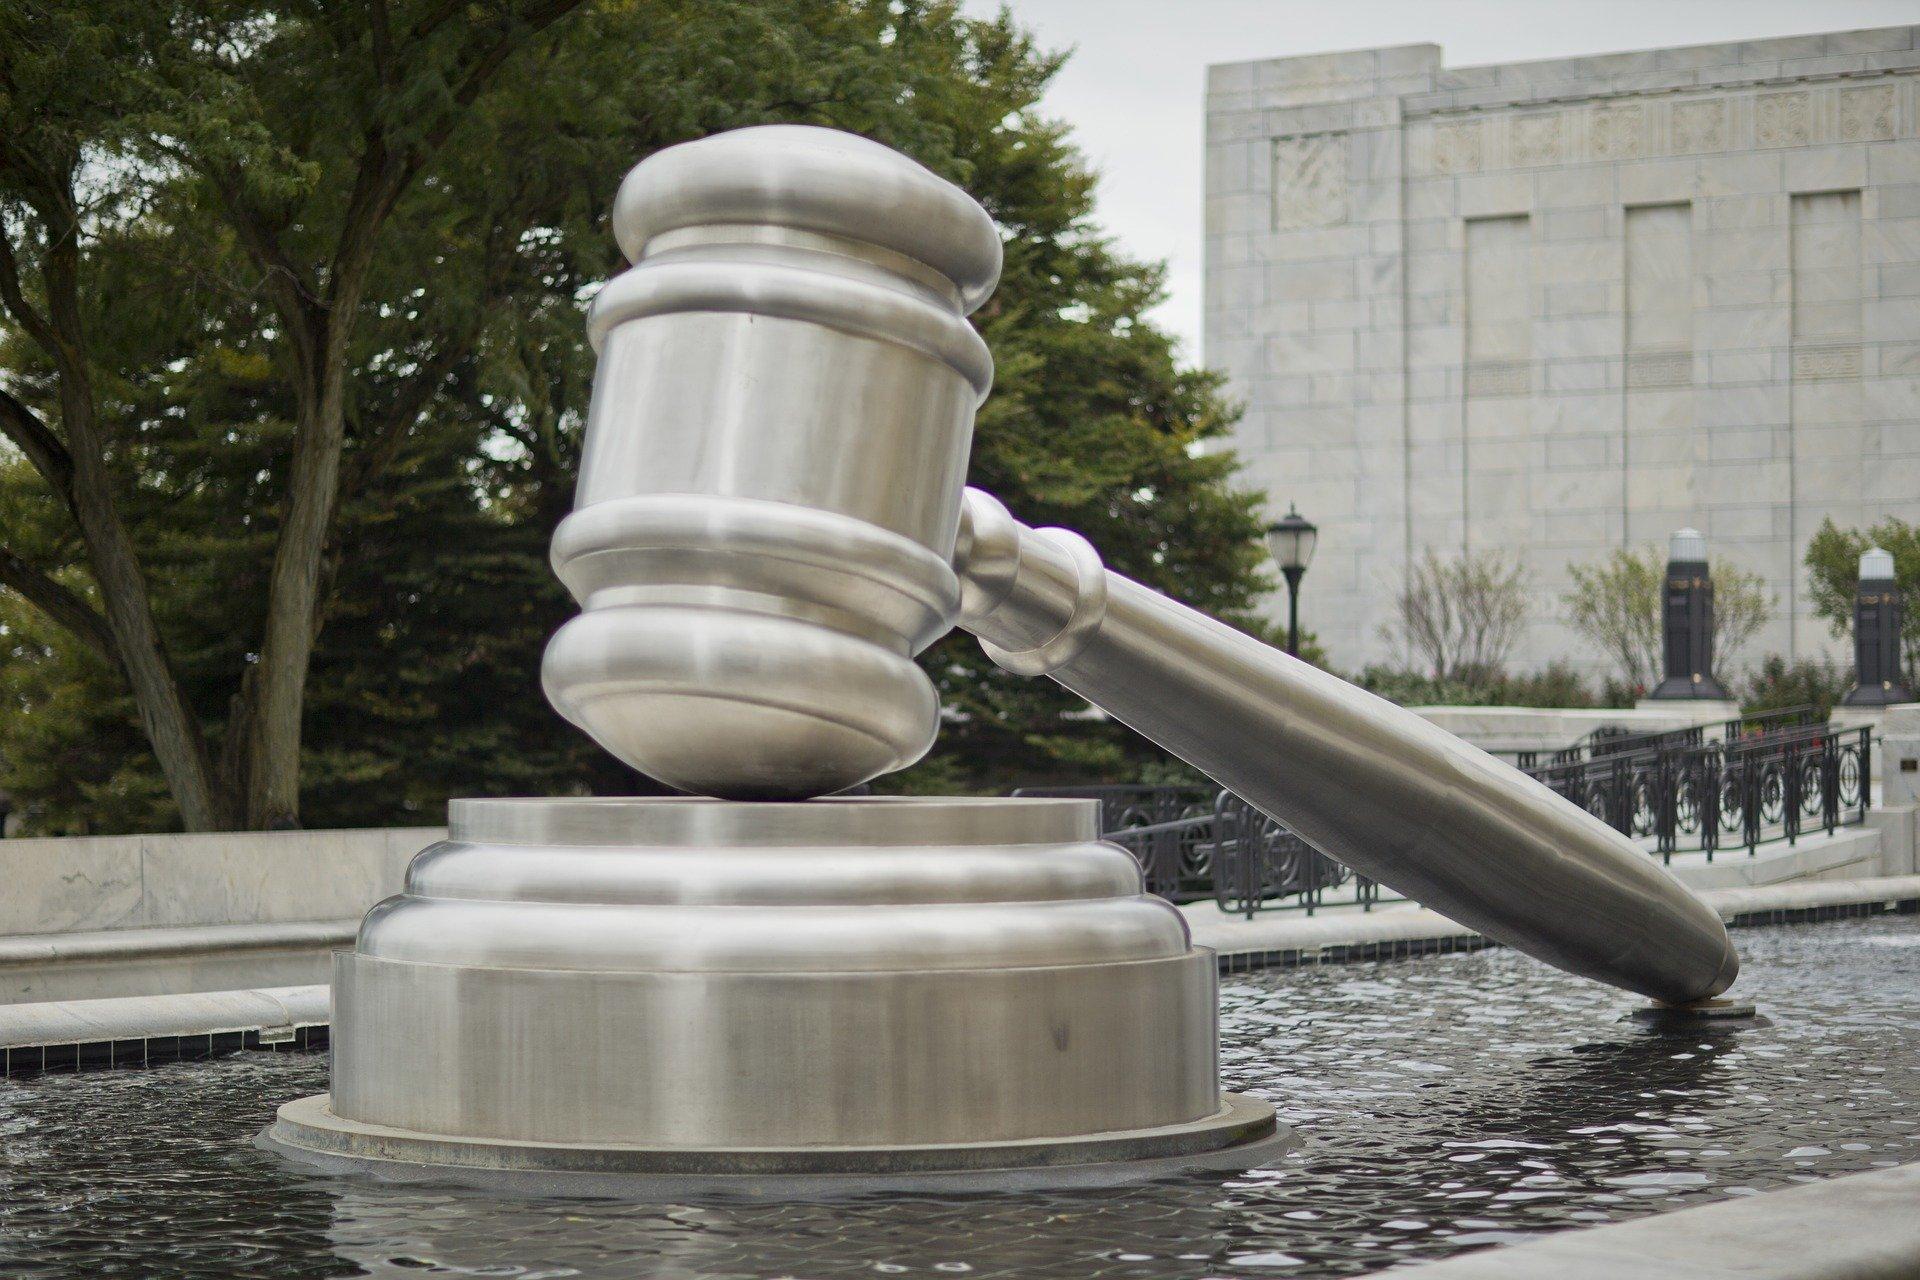 Inadecuación del procedimiento de la acción de enriquecimiento injusto en procedimiento de medidas familiares